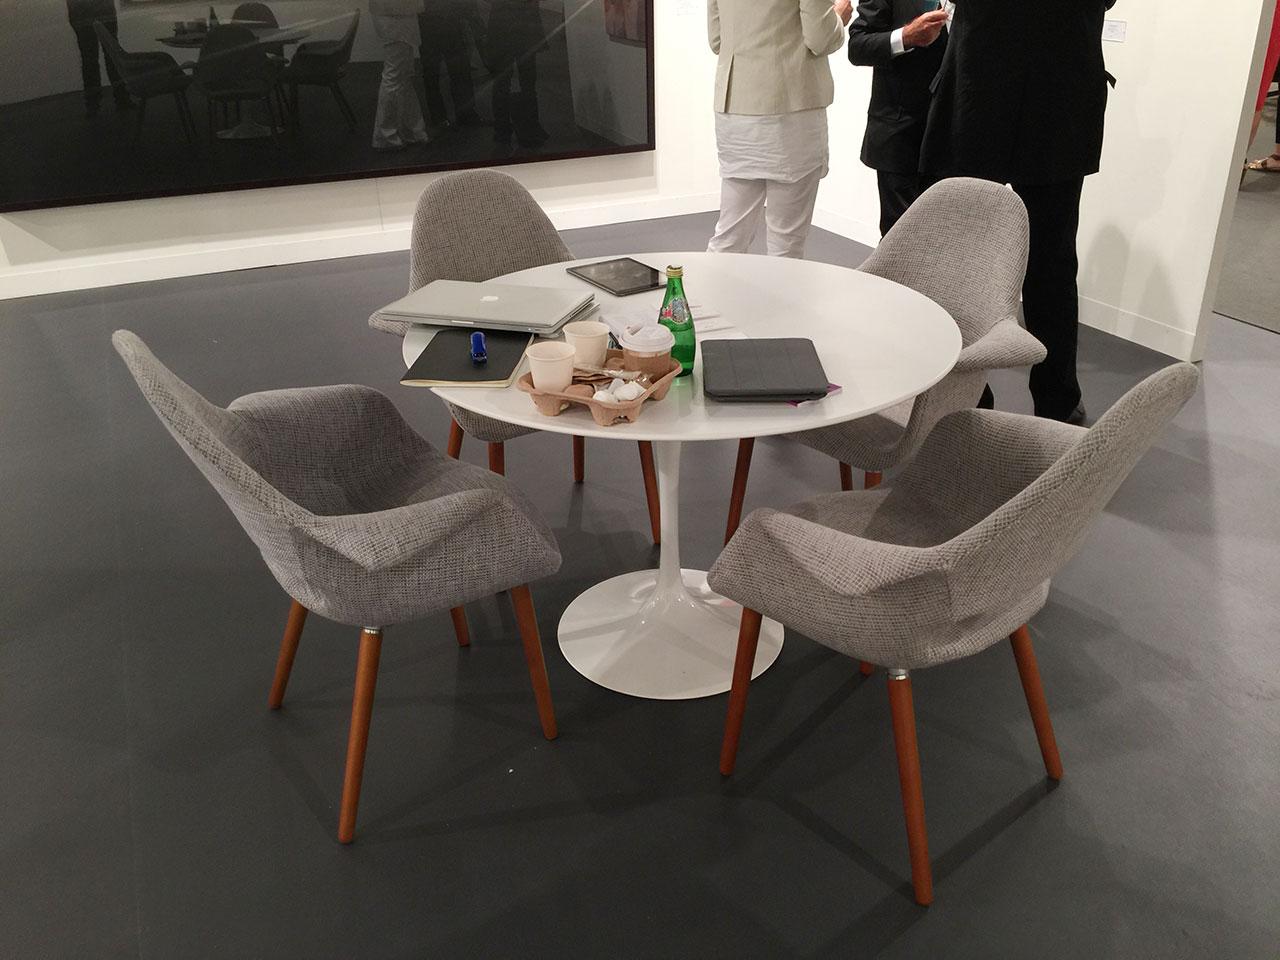 At New York's Petzel Gallery